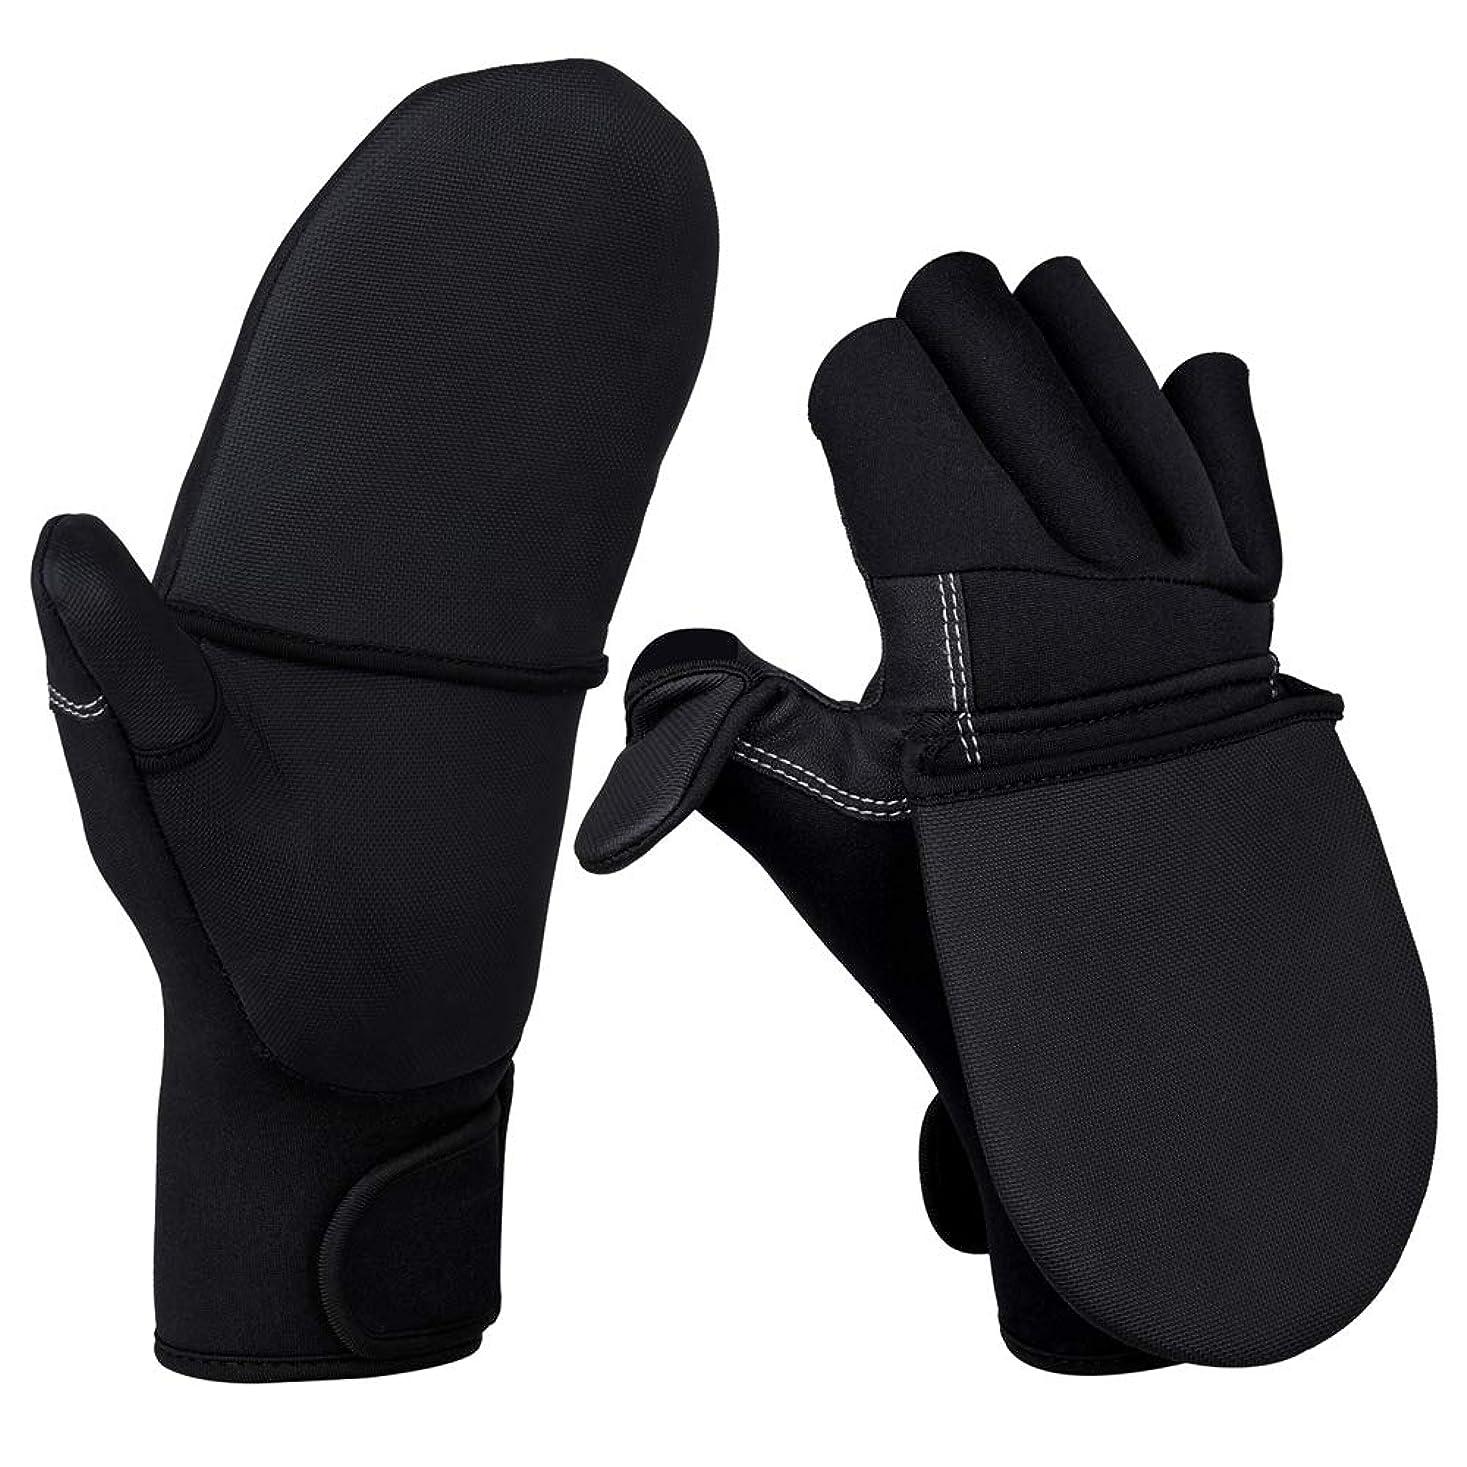 カテナキリン傷つきやすいGoture(ゴチュール) フィッシンググローブ 5指カット 釣り 春秋冬用手袋 フリップカバー 滑り止め 半指 ハーフショート 2カラー